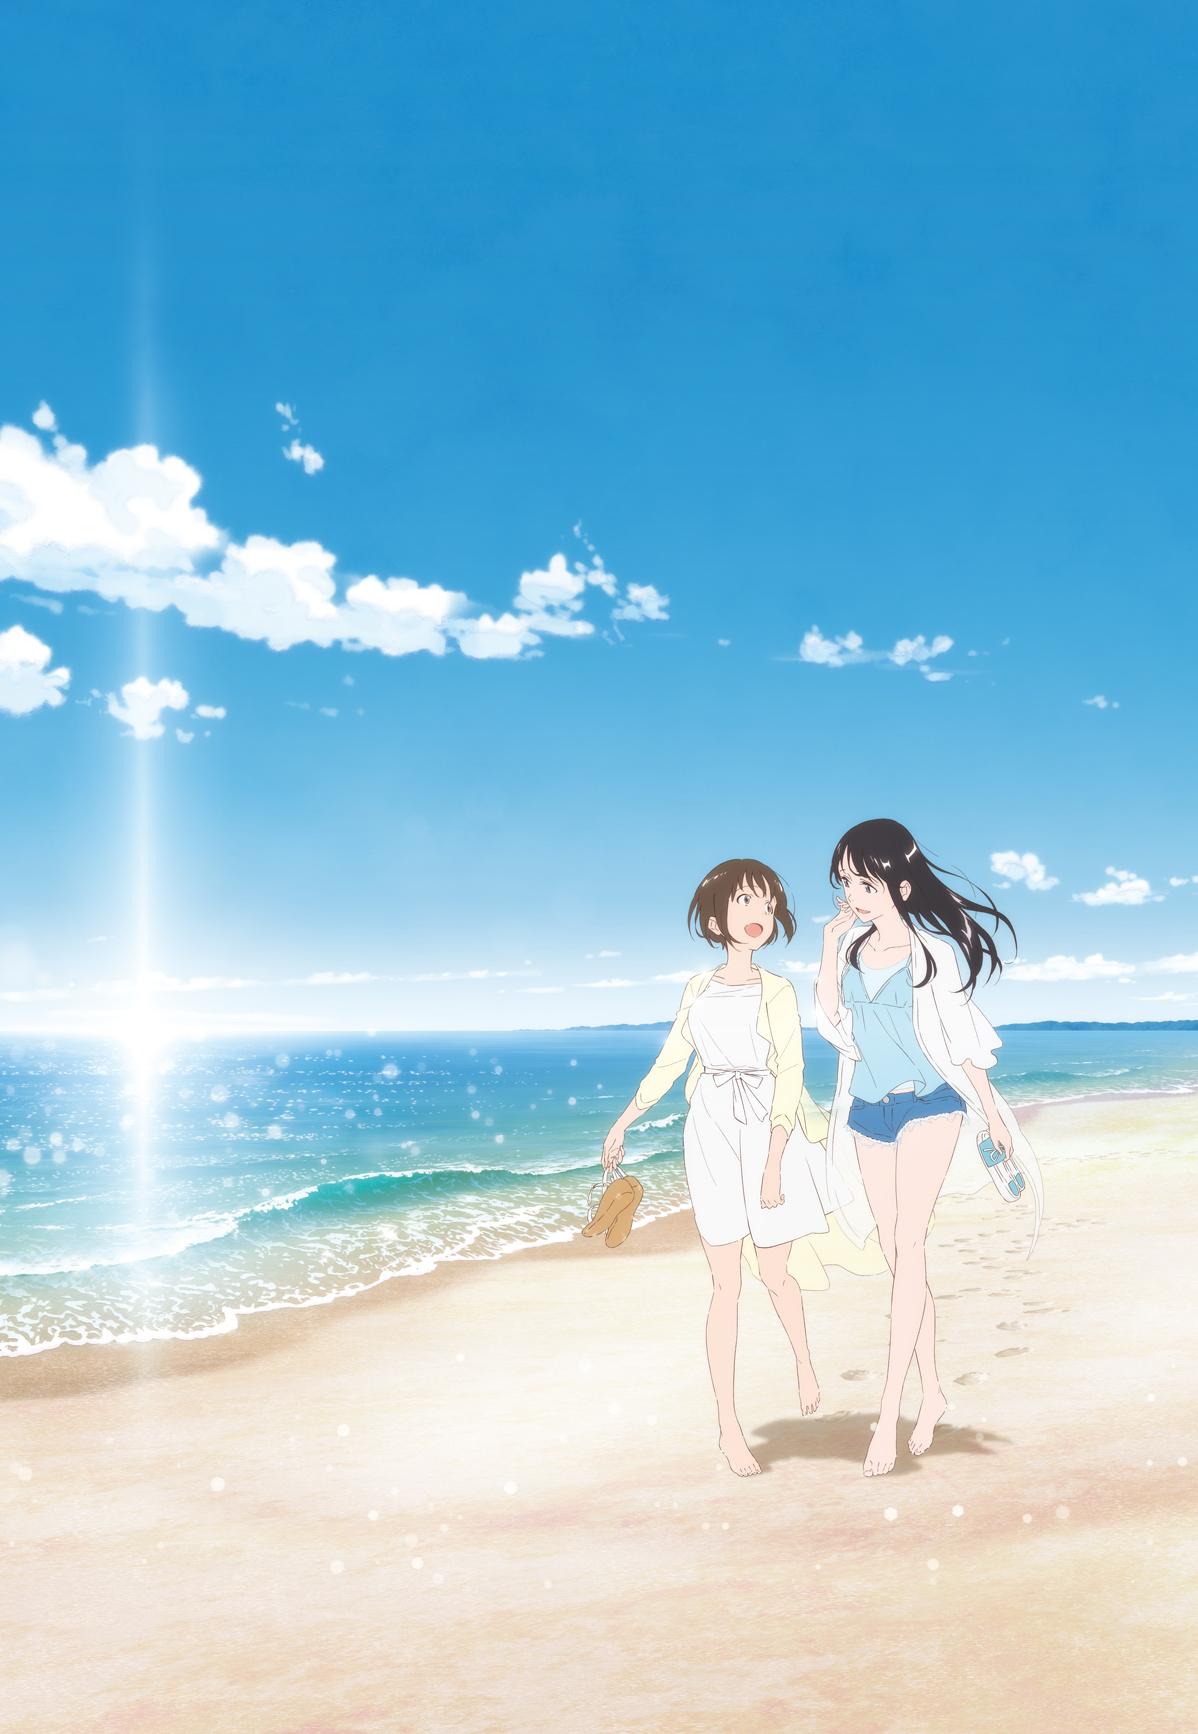 劇場OVA『フラグタイム』メインビジュアル ©2019 さと(秋田書店)/「フラグタイム」製作委員会